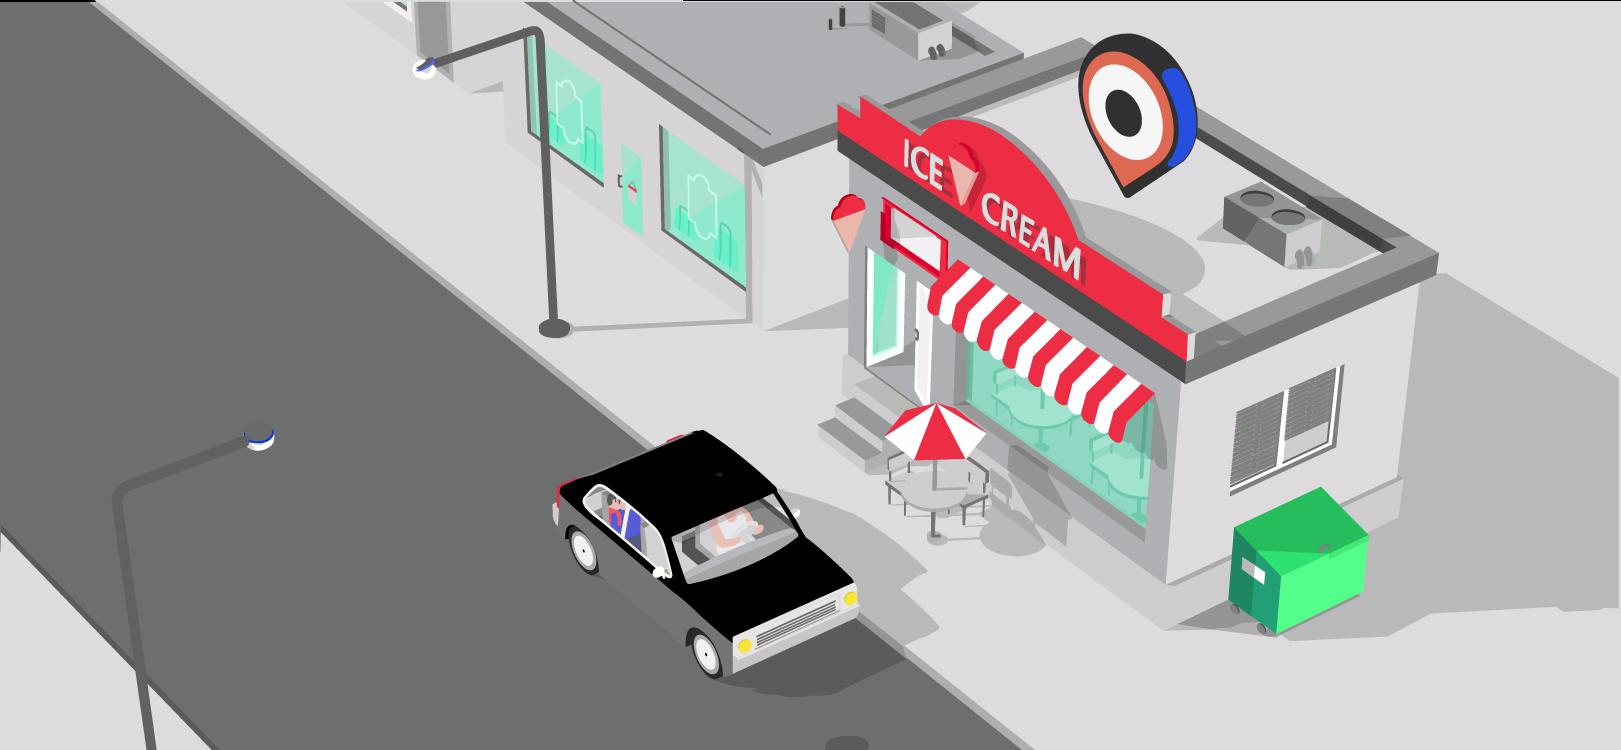 Voiture passant devant un magasin de crème glacée